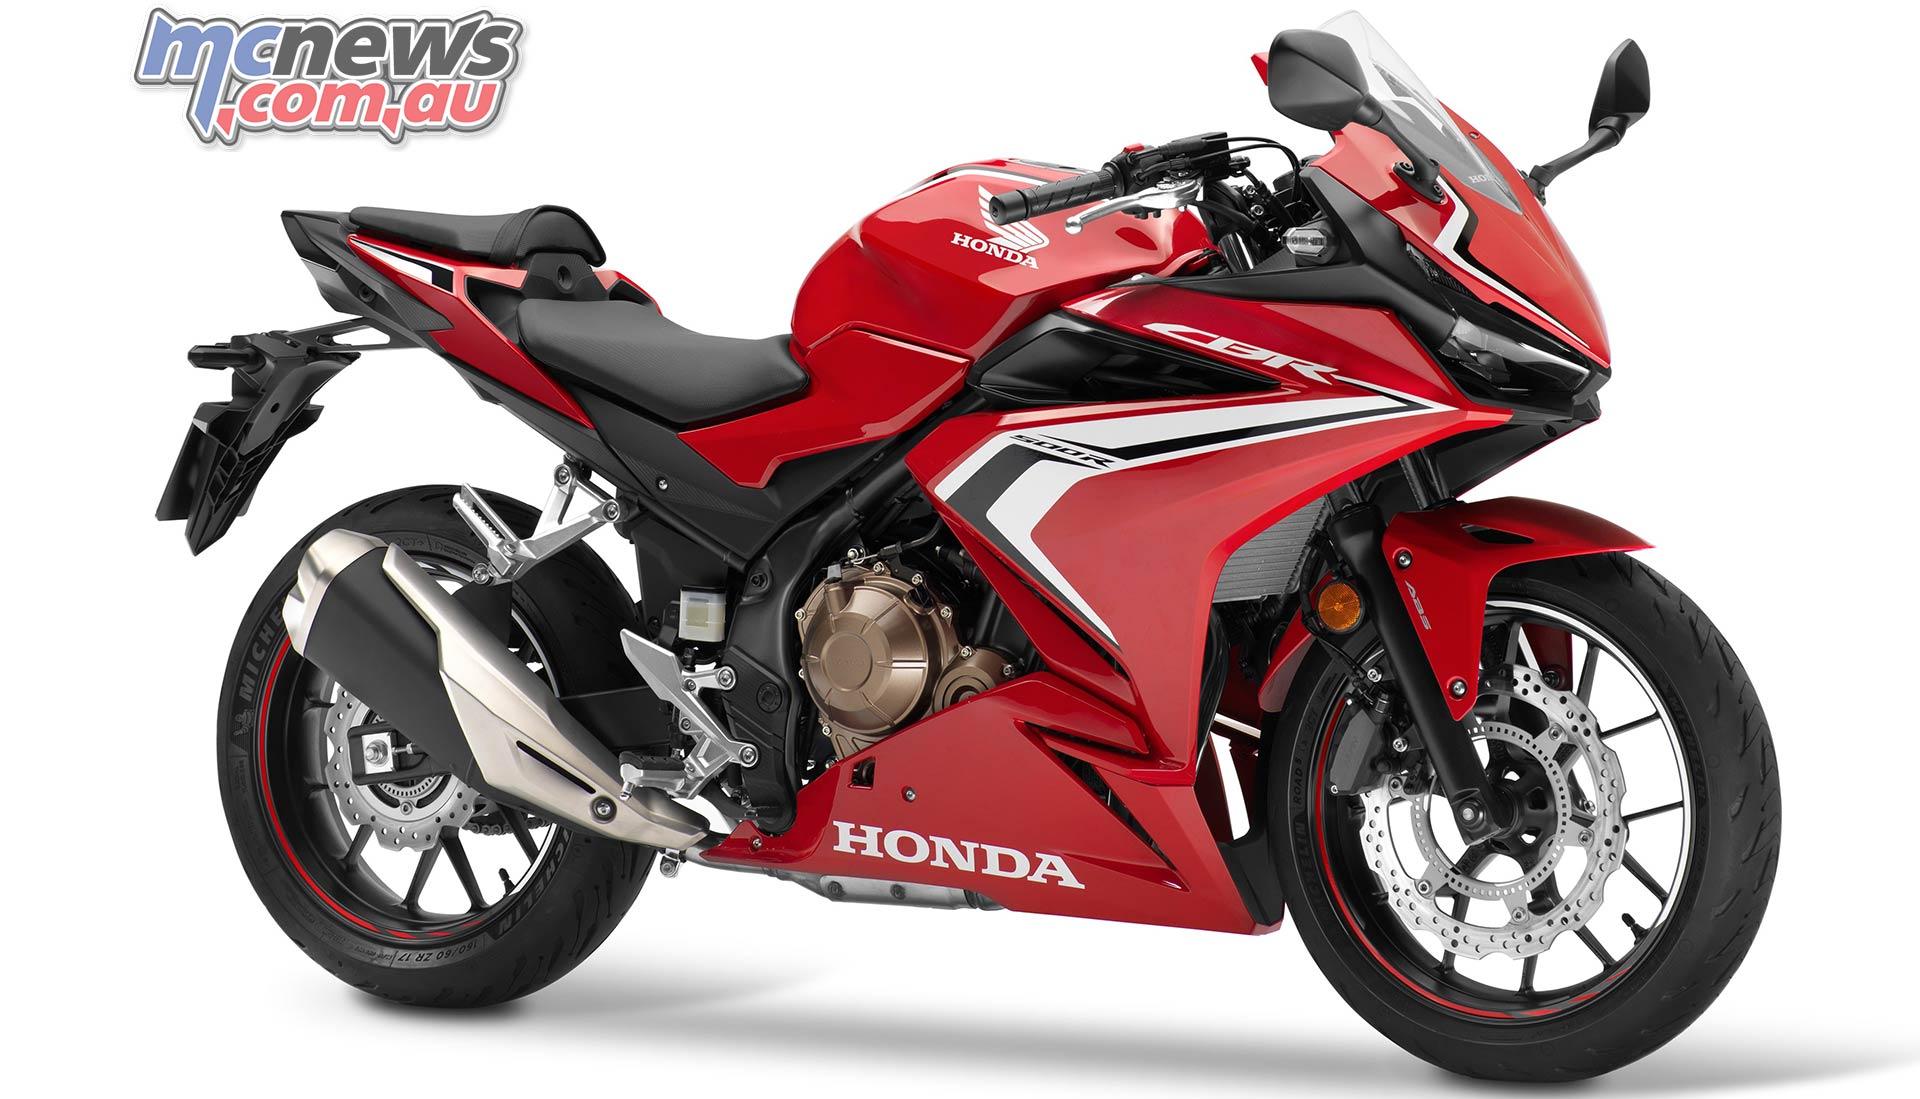 2019 Honda CBR500R | More grunt | Sharper looks | MCNews ...